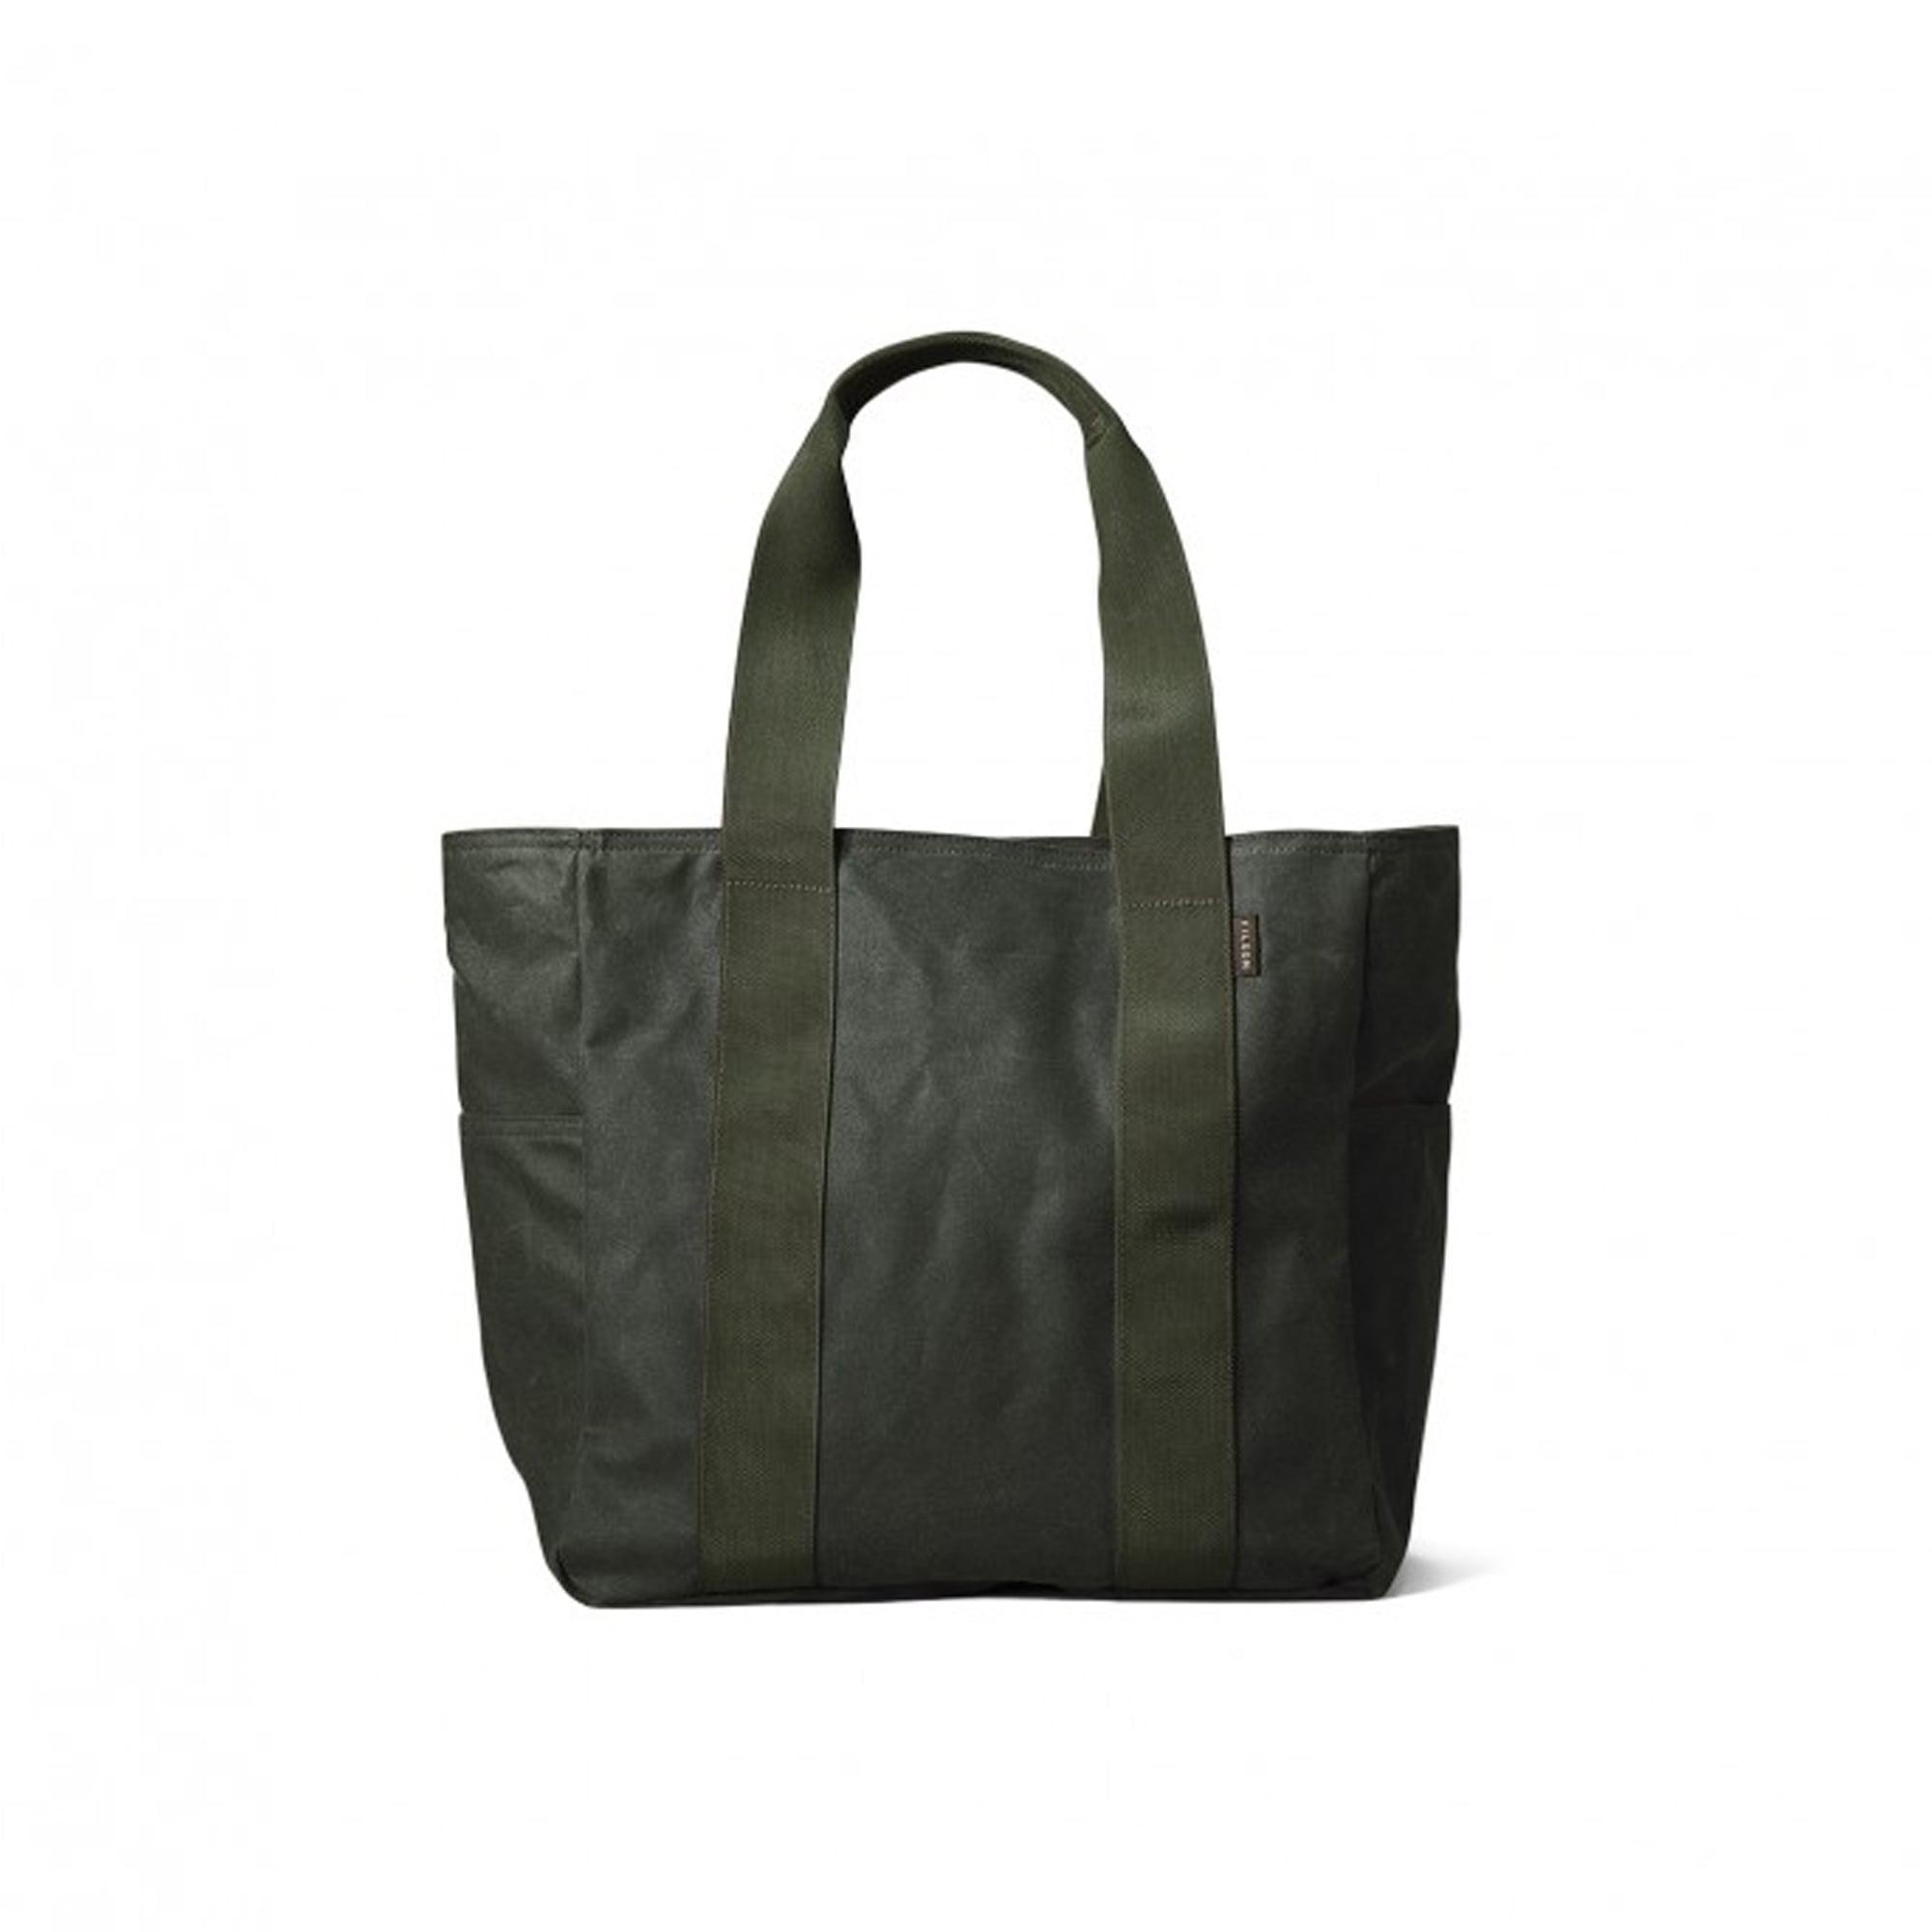 5da6f9b808 Lyst - Filson Medium Grab  n  Go Tote Bag - Spruce Green in Green ...